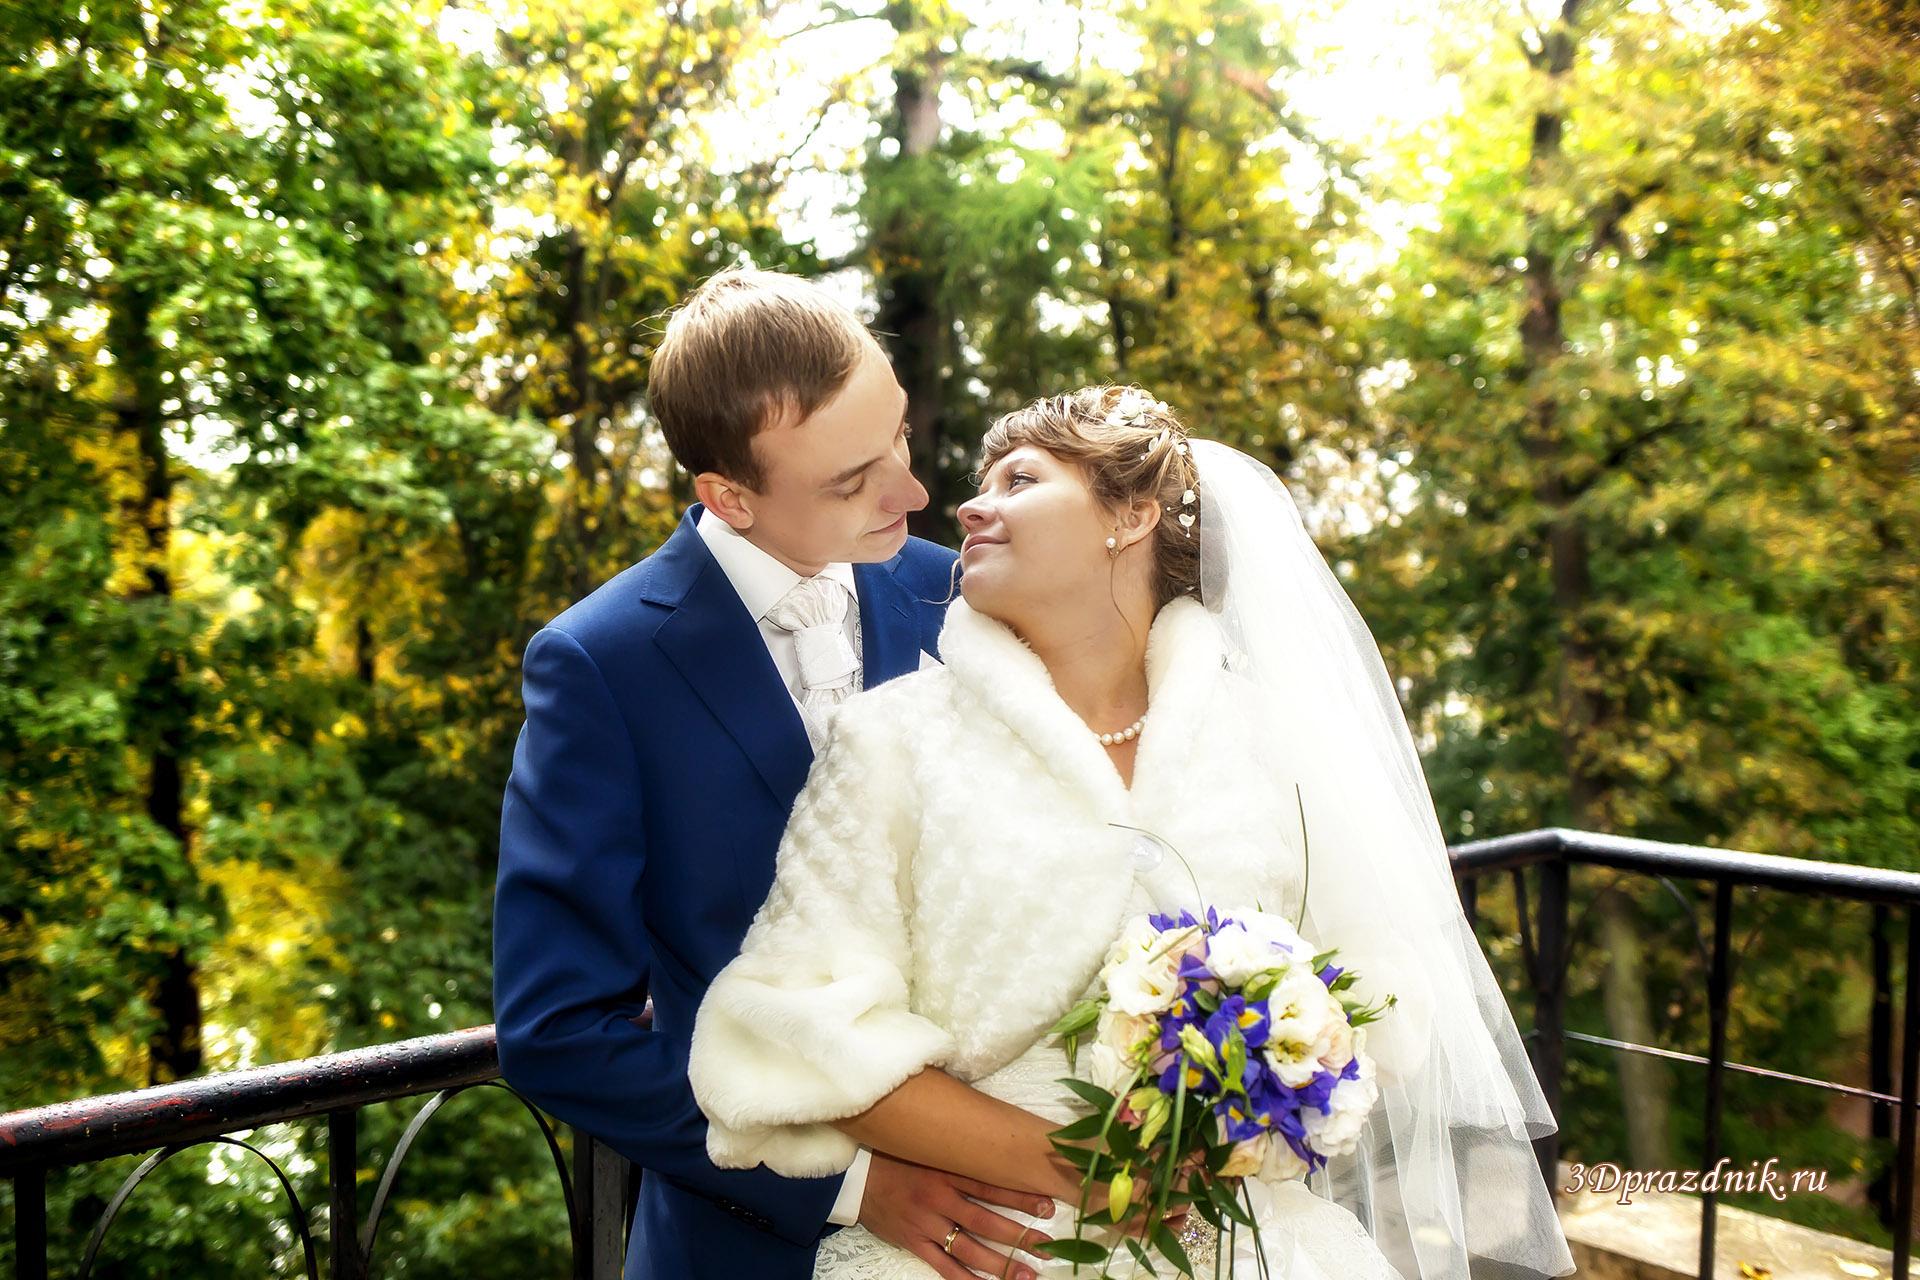 Жених и невеста. Осенний день